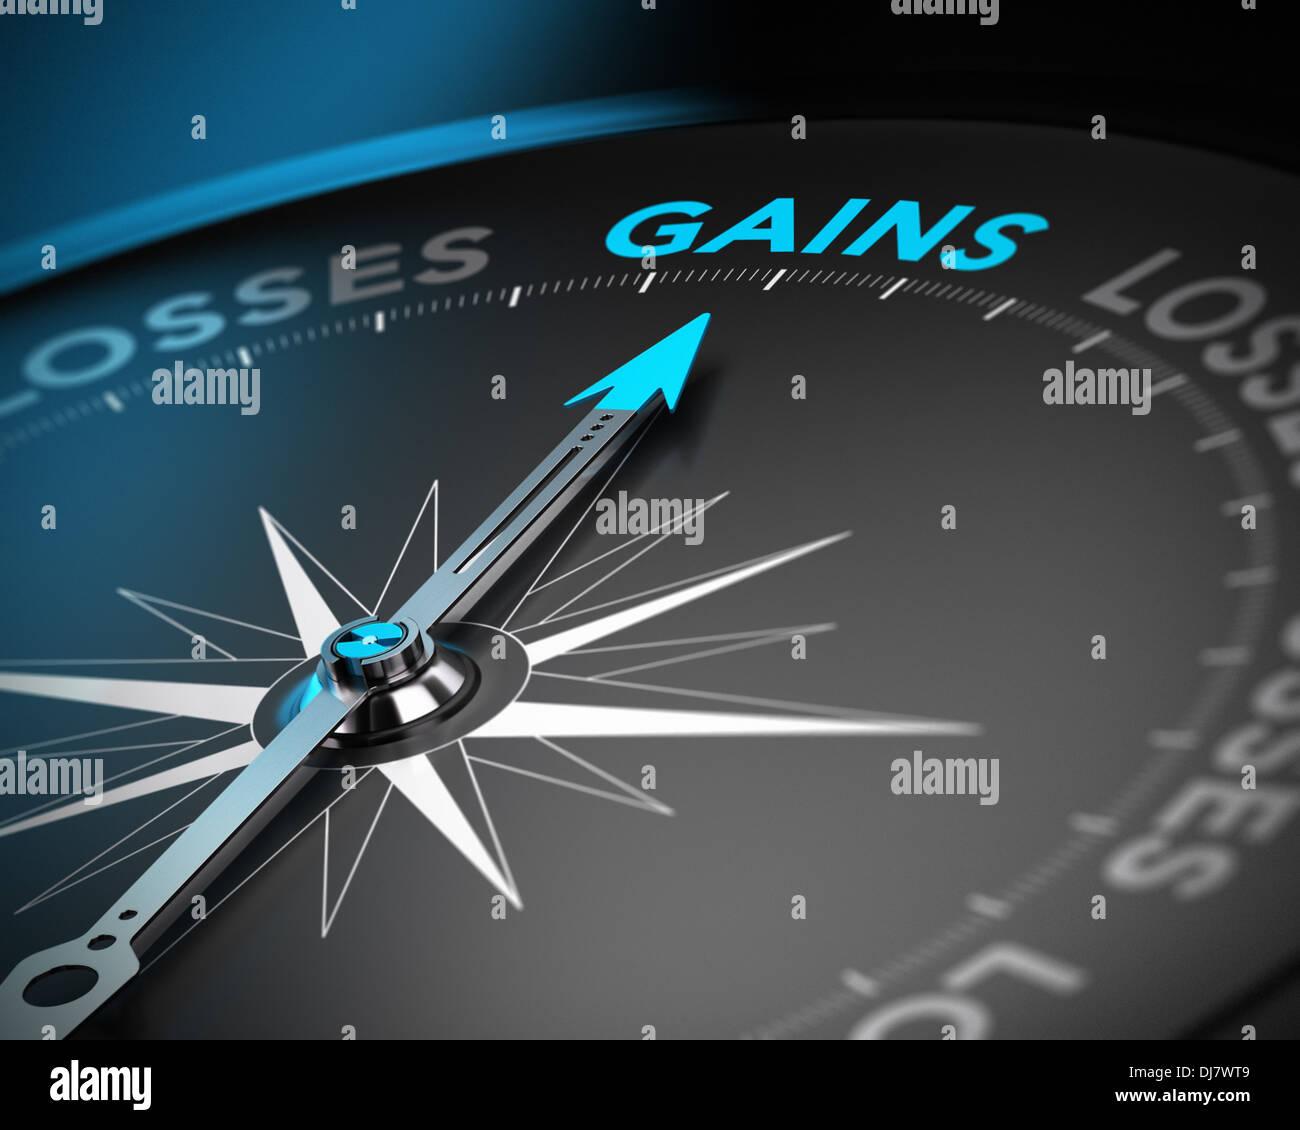 Finanzielle Beratungskonzept. Kompassnadel zeigt das Wort erringt auf schwarzem Hintergrund mit Blur-Effekt Stockbild